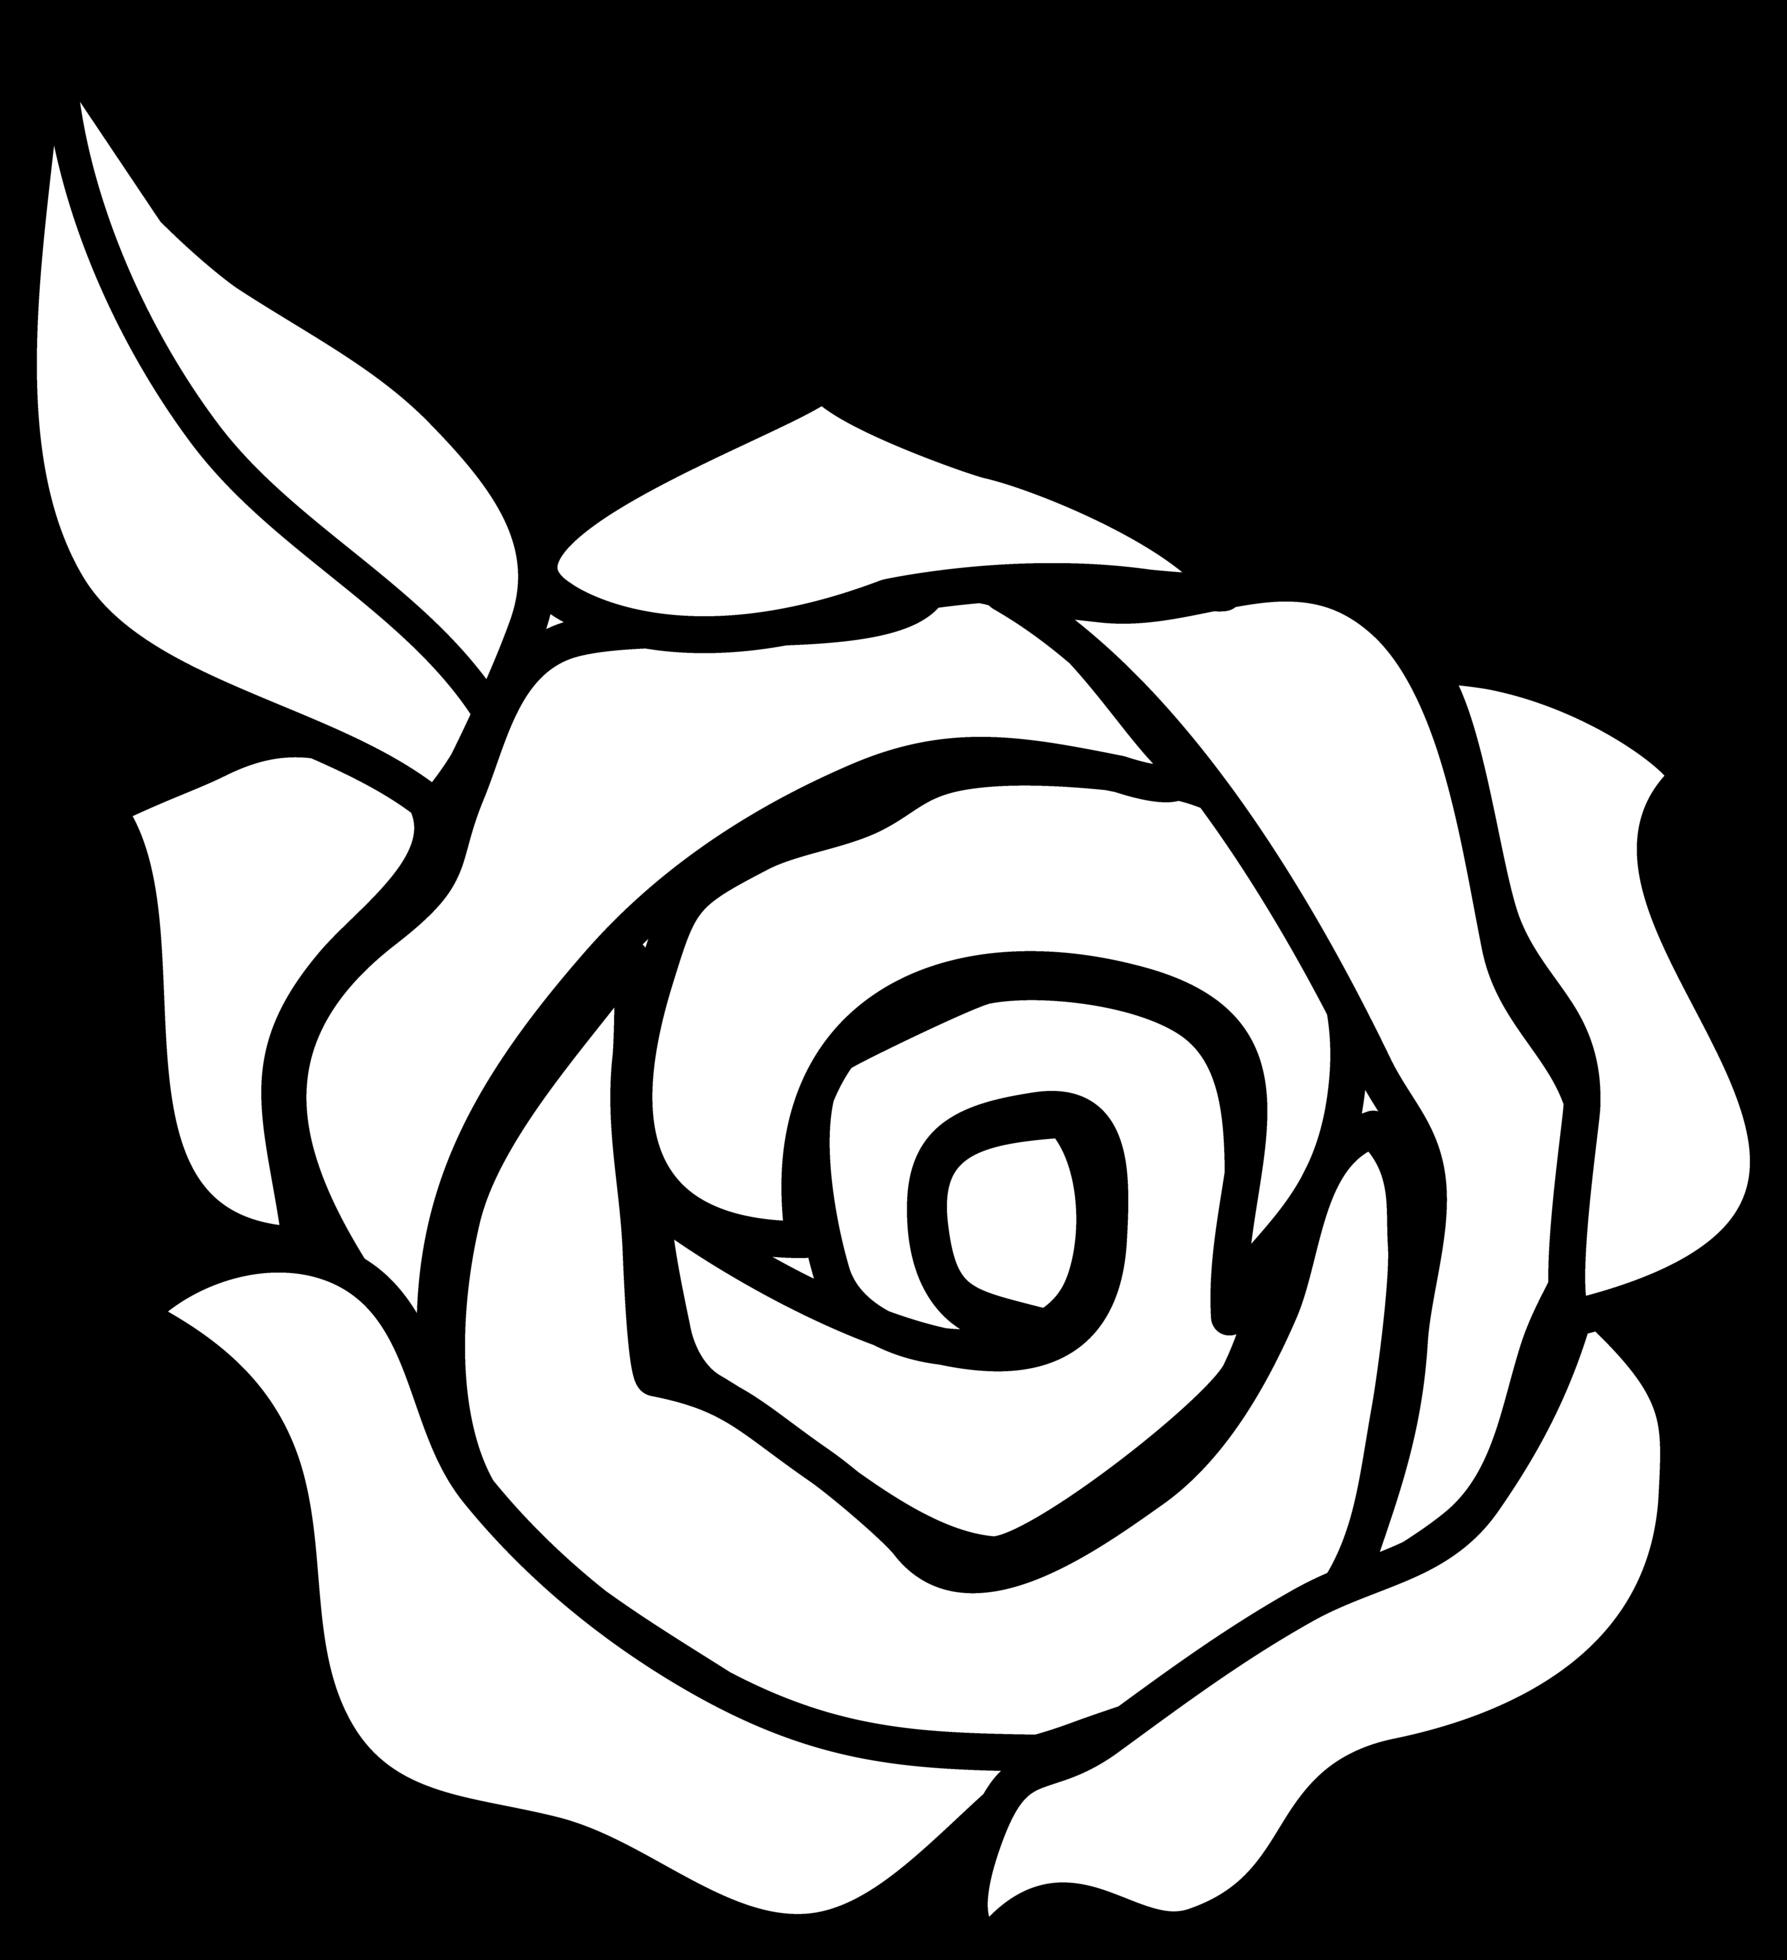 Simple Rose Drawings